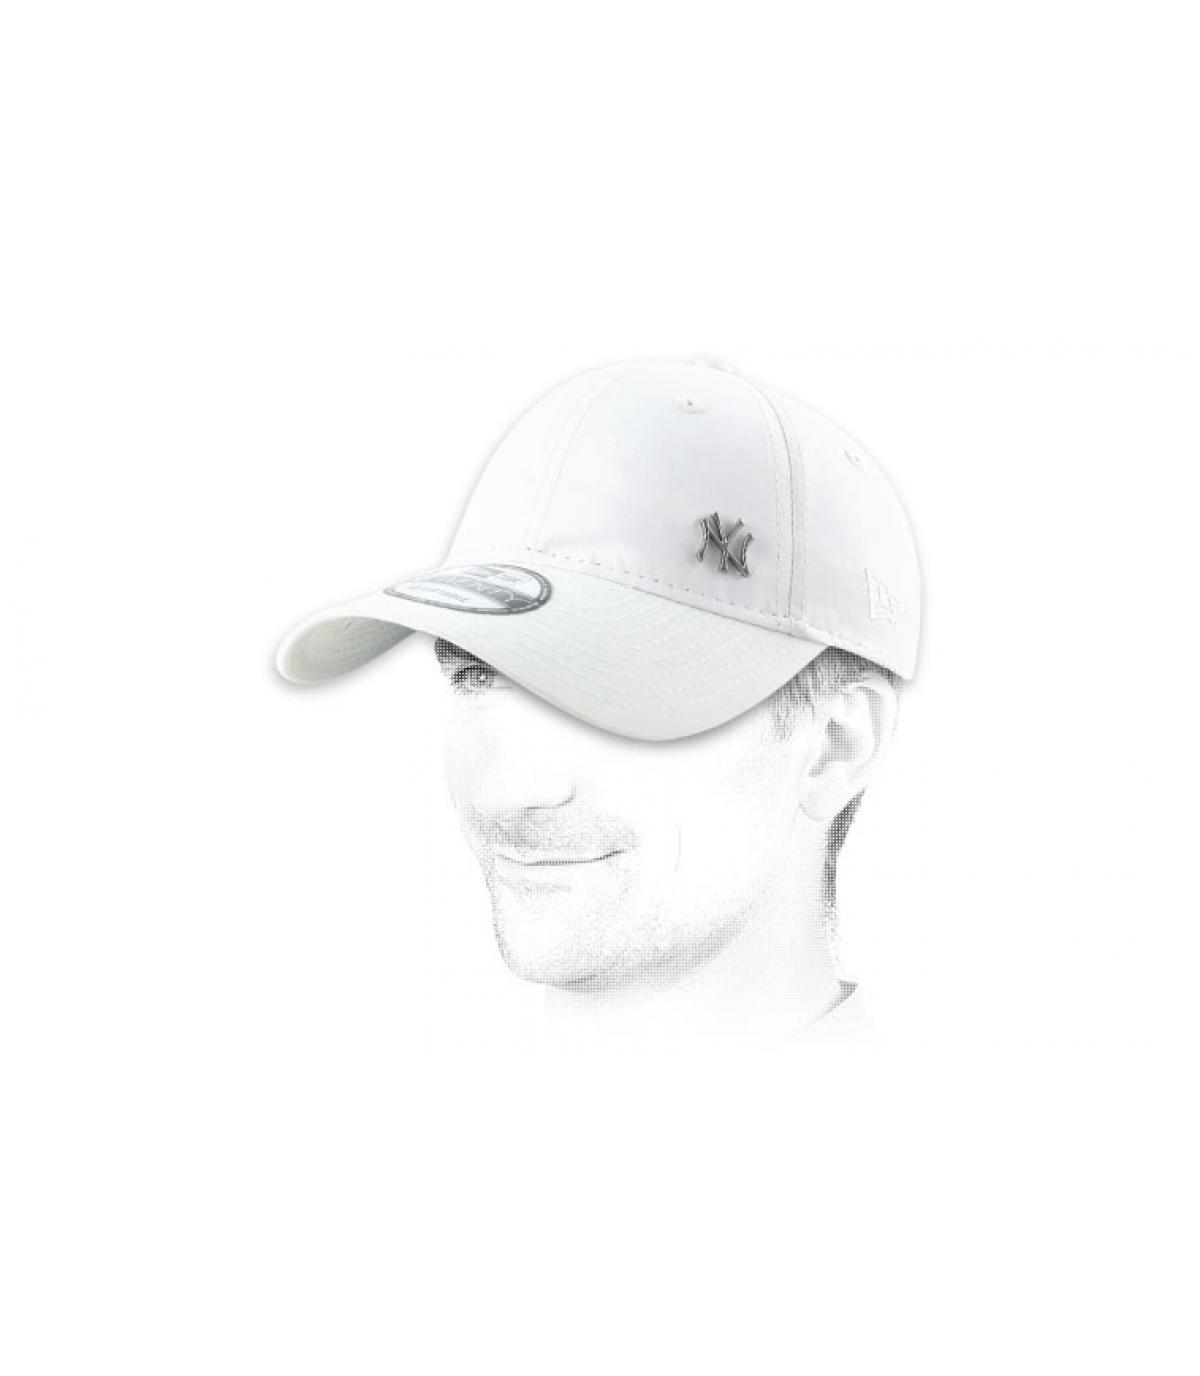 wit ny cap